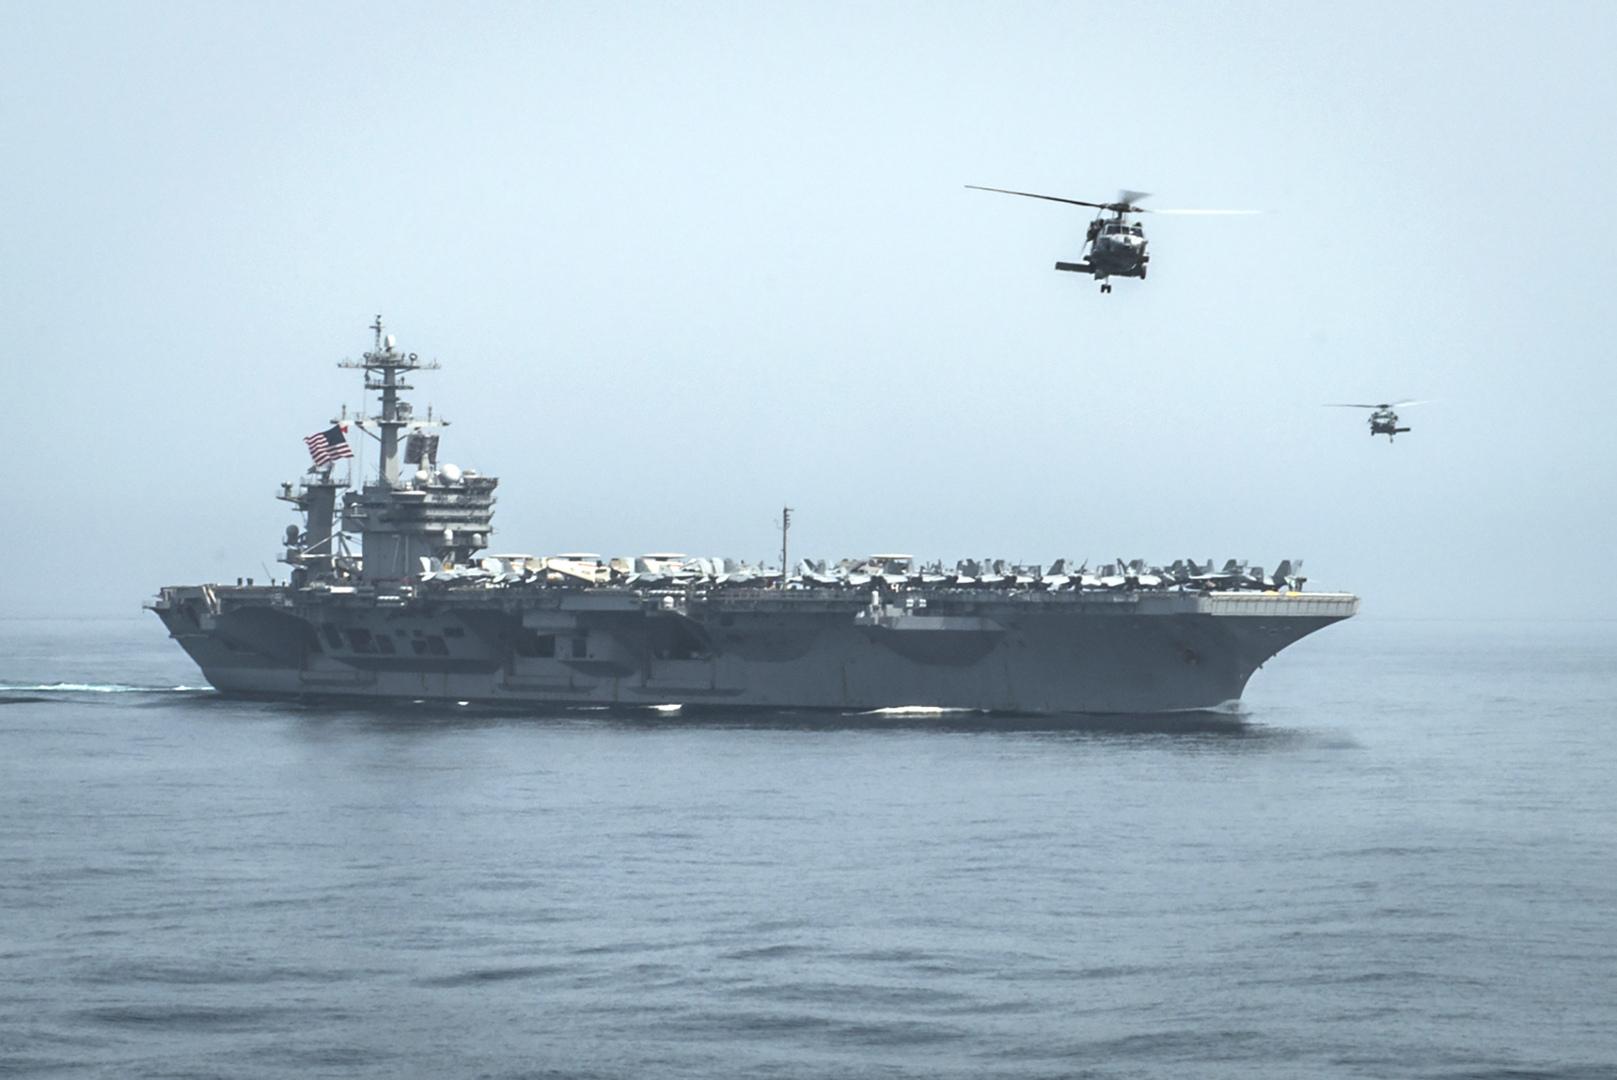 البنتاغون: زوارق الحرس الثوري نفذت مناورة غير آمنة أمام السفن الأمريكية في مضيق هرمز